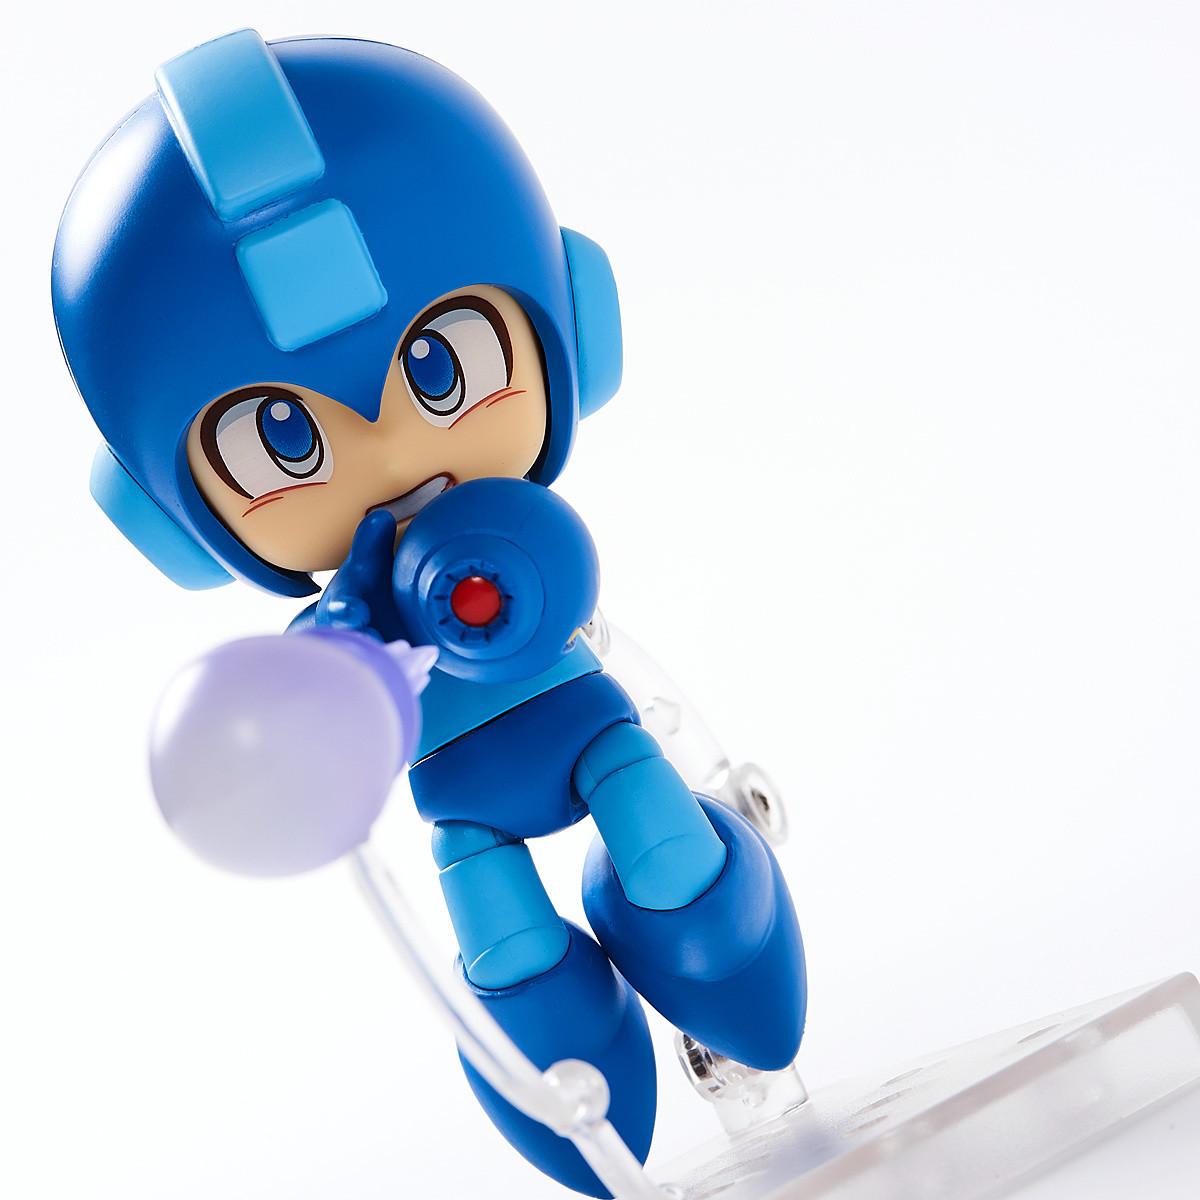 Nendoroid Mega Man Tokyo Otaku Mode Shop